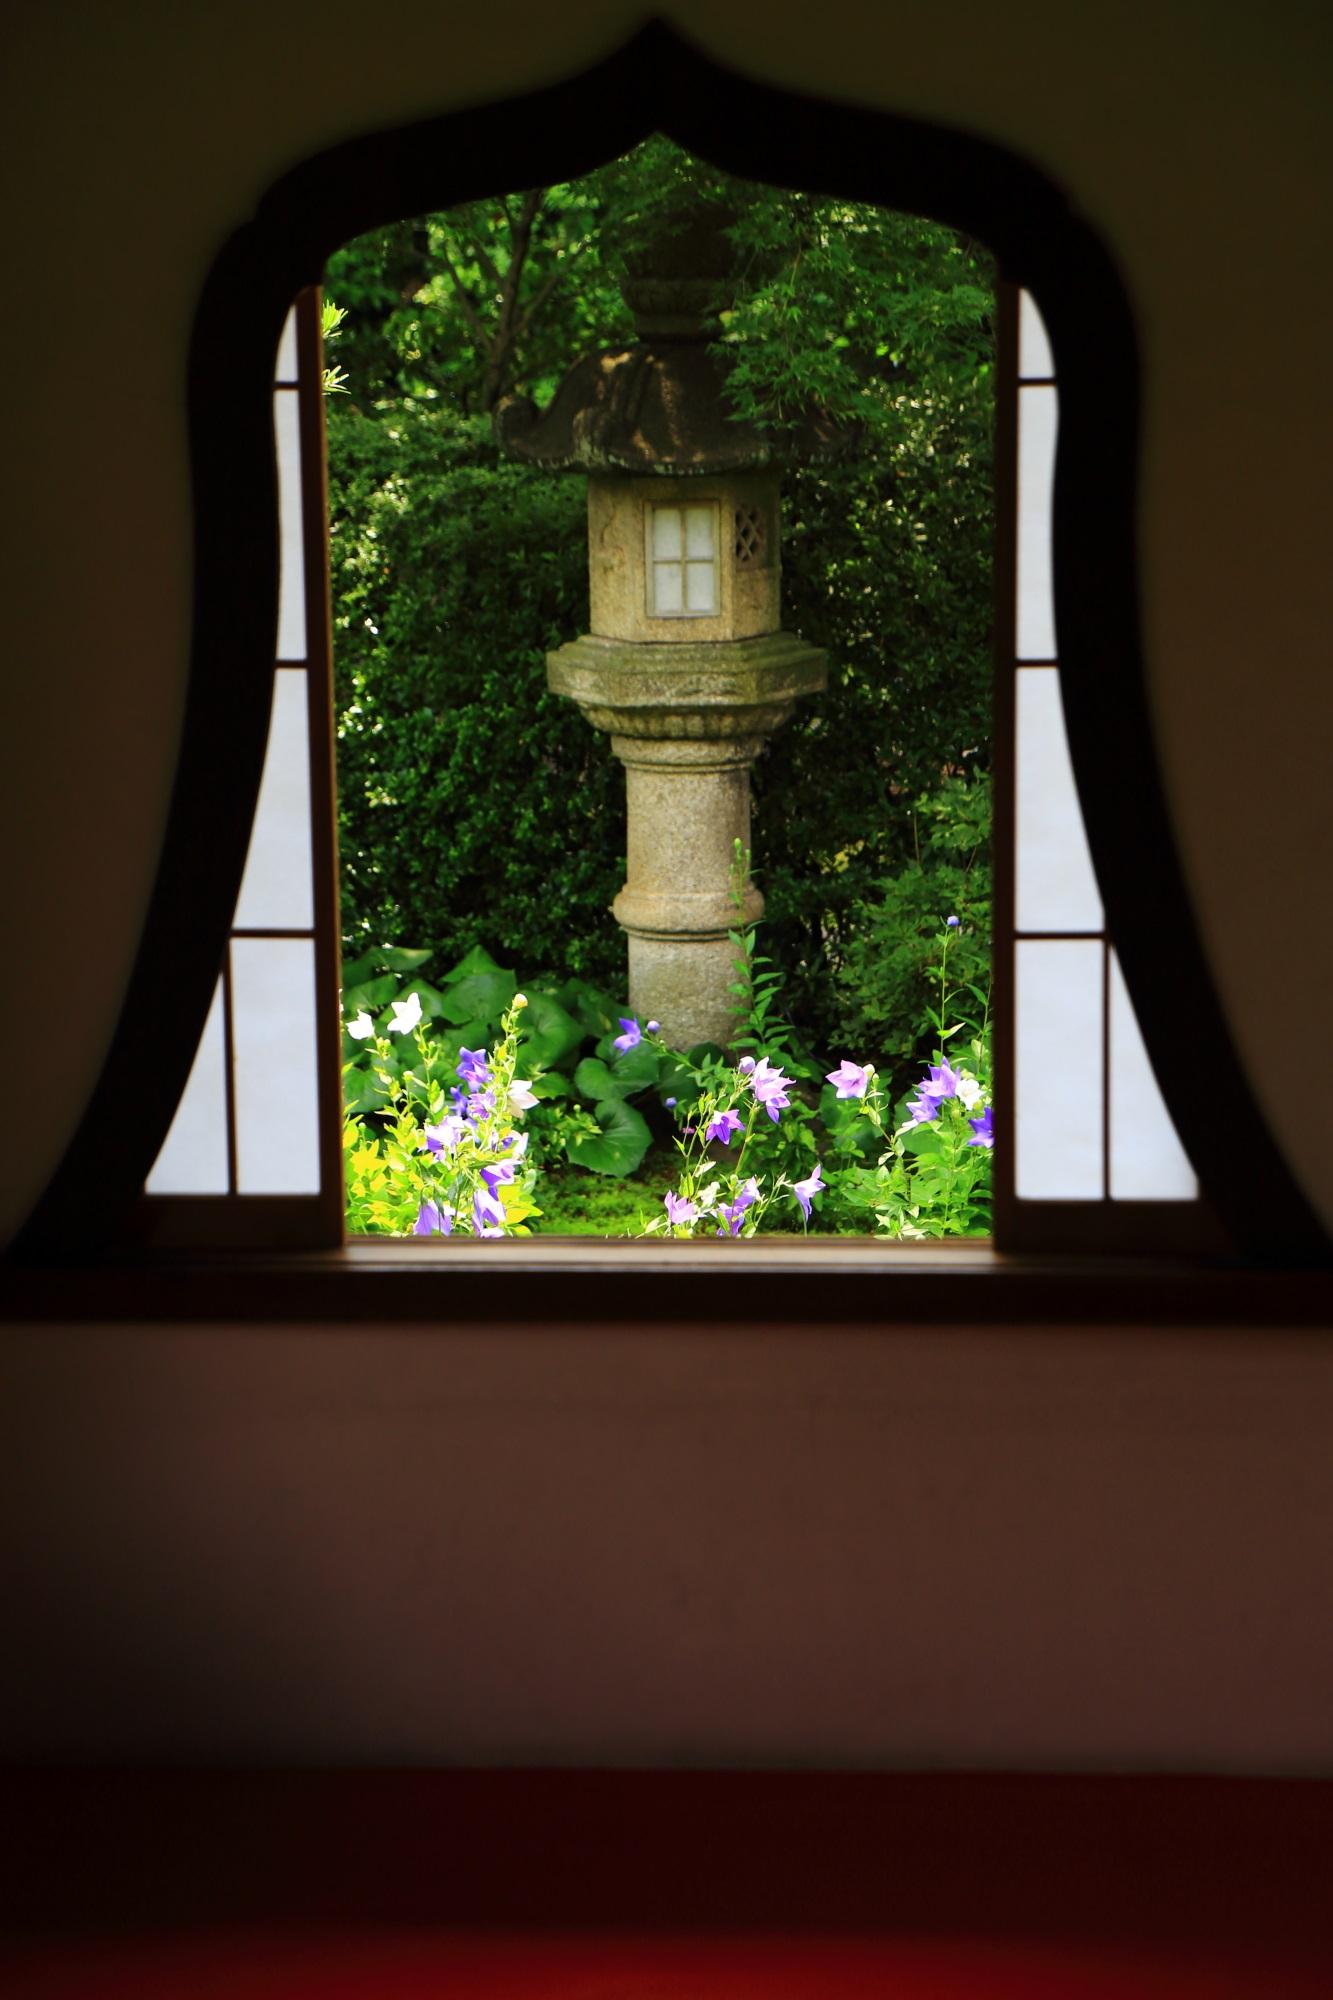 天得院の華頭窓から見える灯籠と桔梗